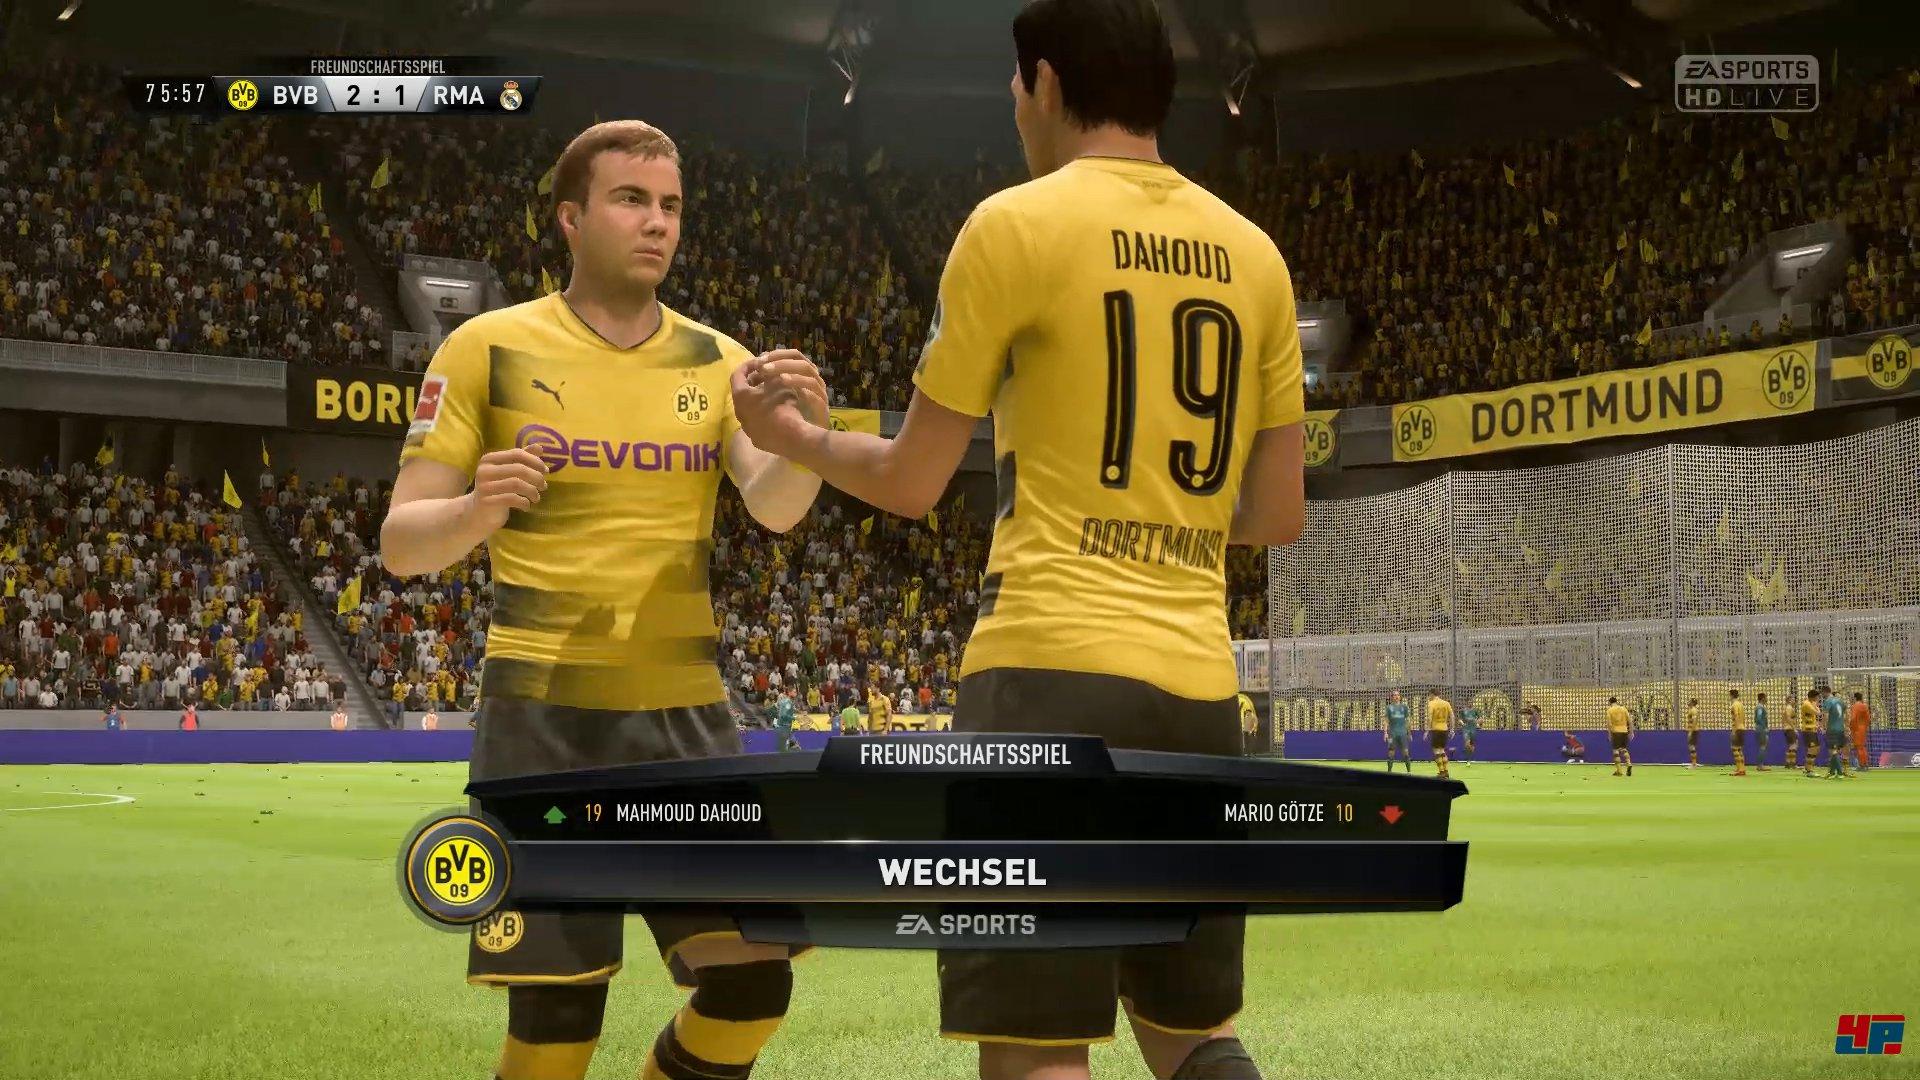 Screenshots Zu Fifa 18 Alles Zum Sport Spiel Ps4 Screenshot 92553589